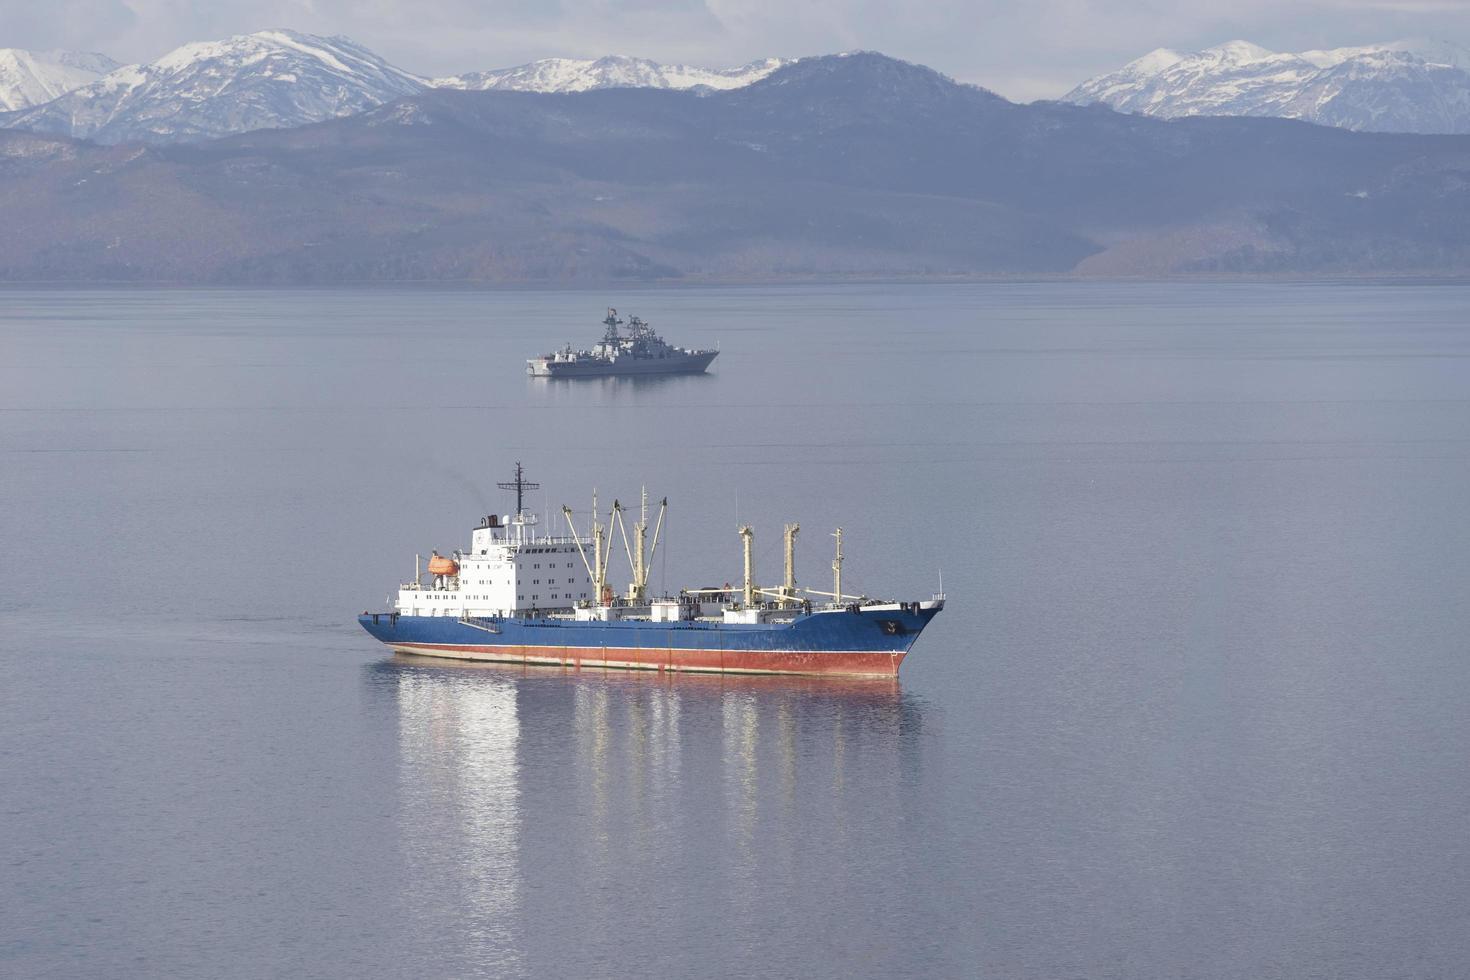 Seelandschaft mit Schiffen in der Avacha-Bucht. Kamtschatka, Russland foto